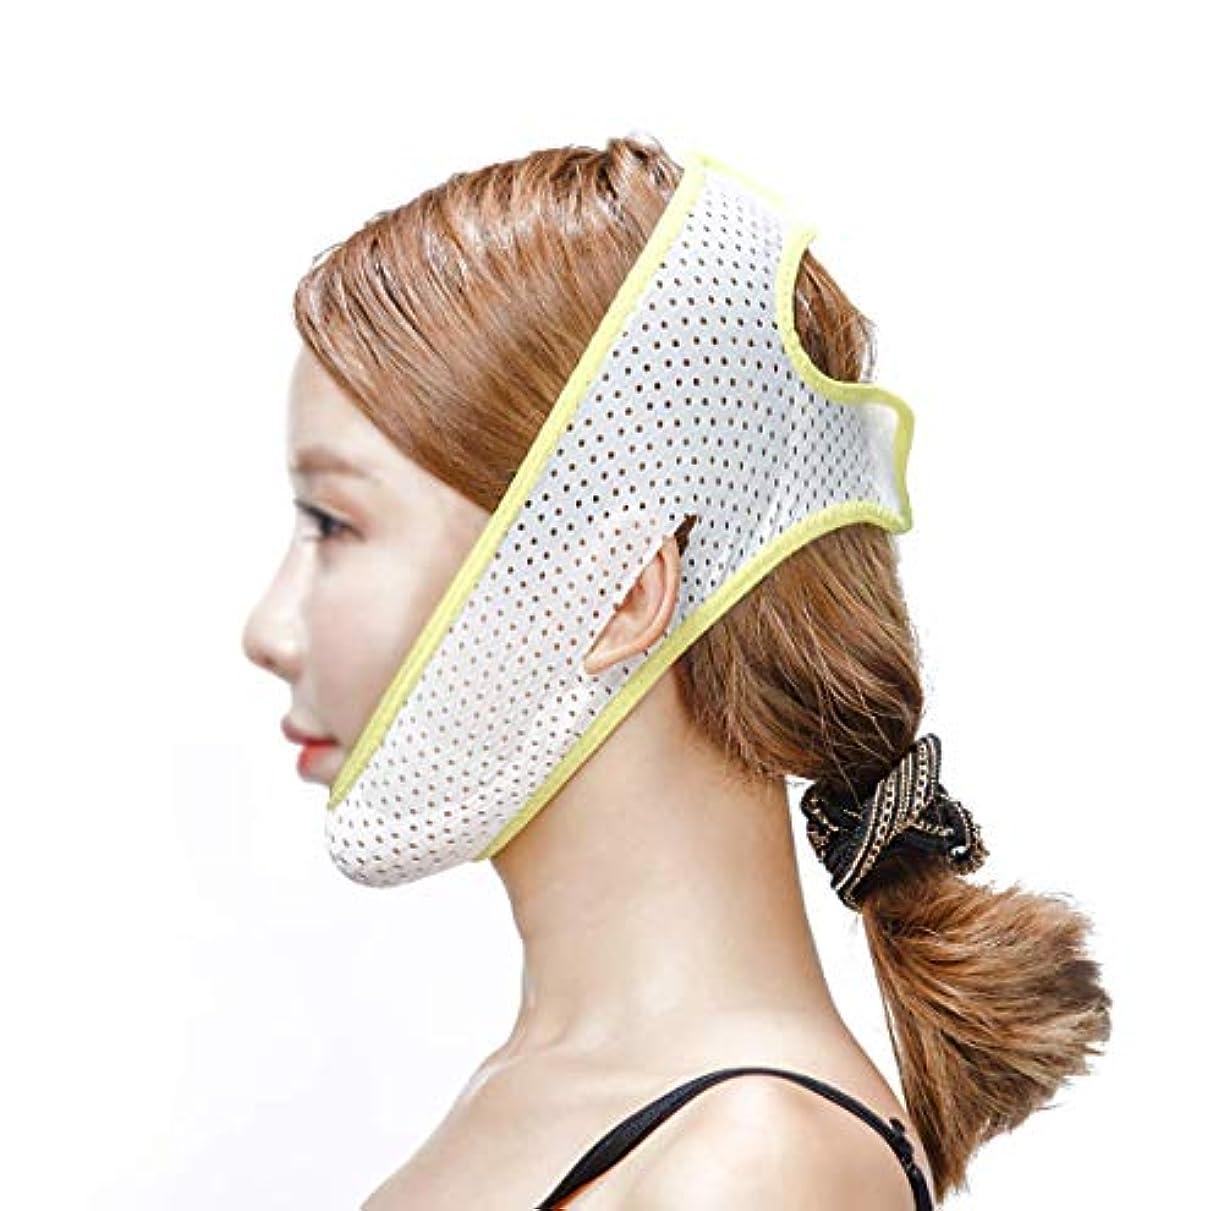 いつも懲らしめ導入するフェイスリフトマスク、あごストラップ回復包帯睡眠薄いフェイス包帯薄いフェイスマスクフェイスリフトアーチファクトフェイスリフトで小さいV顔を強化する美容マスク包帯(色:黄色と白)